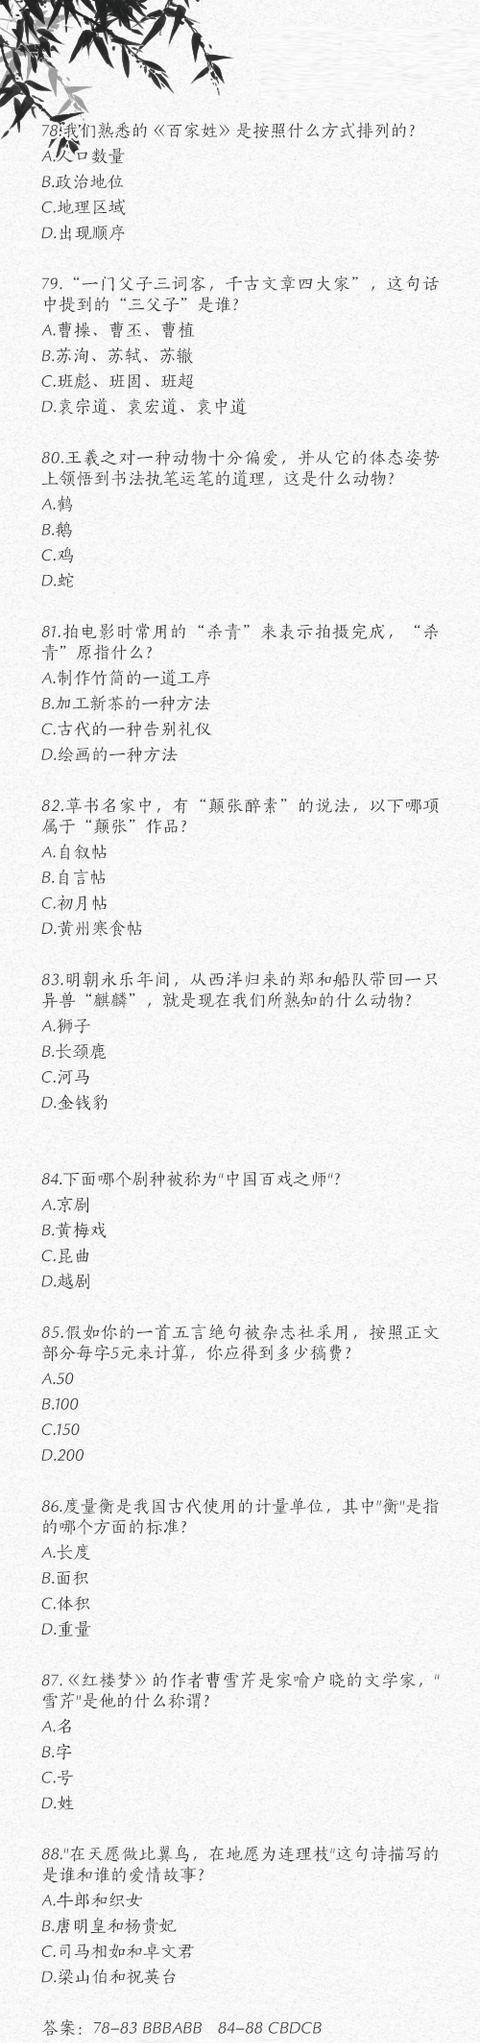 2019公务员考试积累:100个中华文化常识